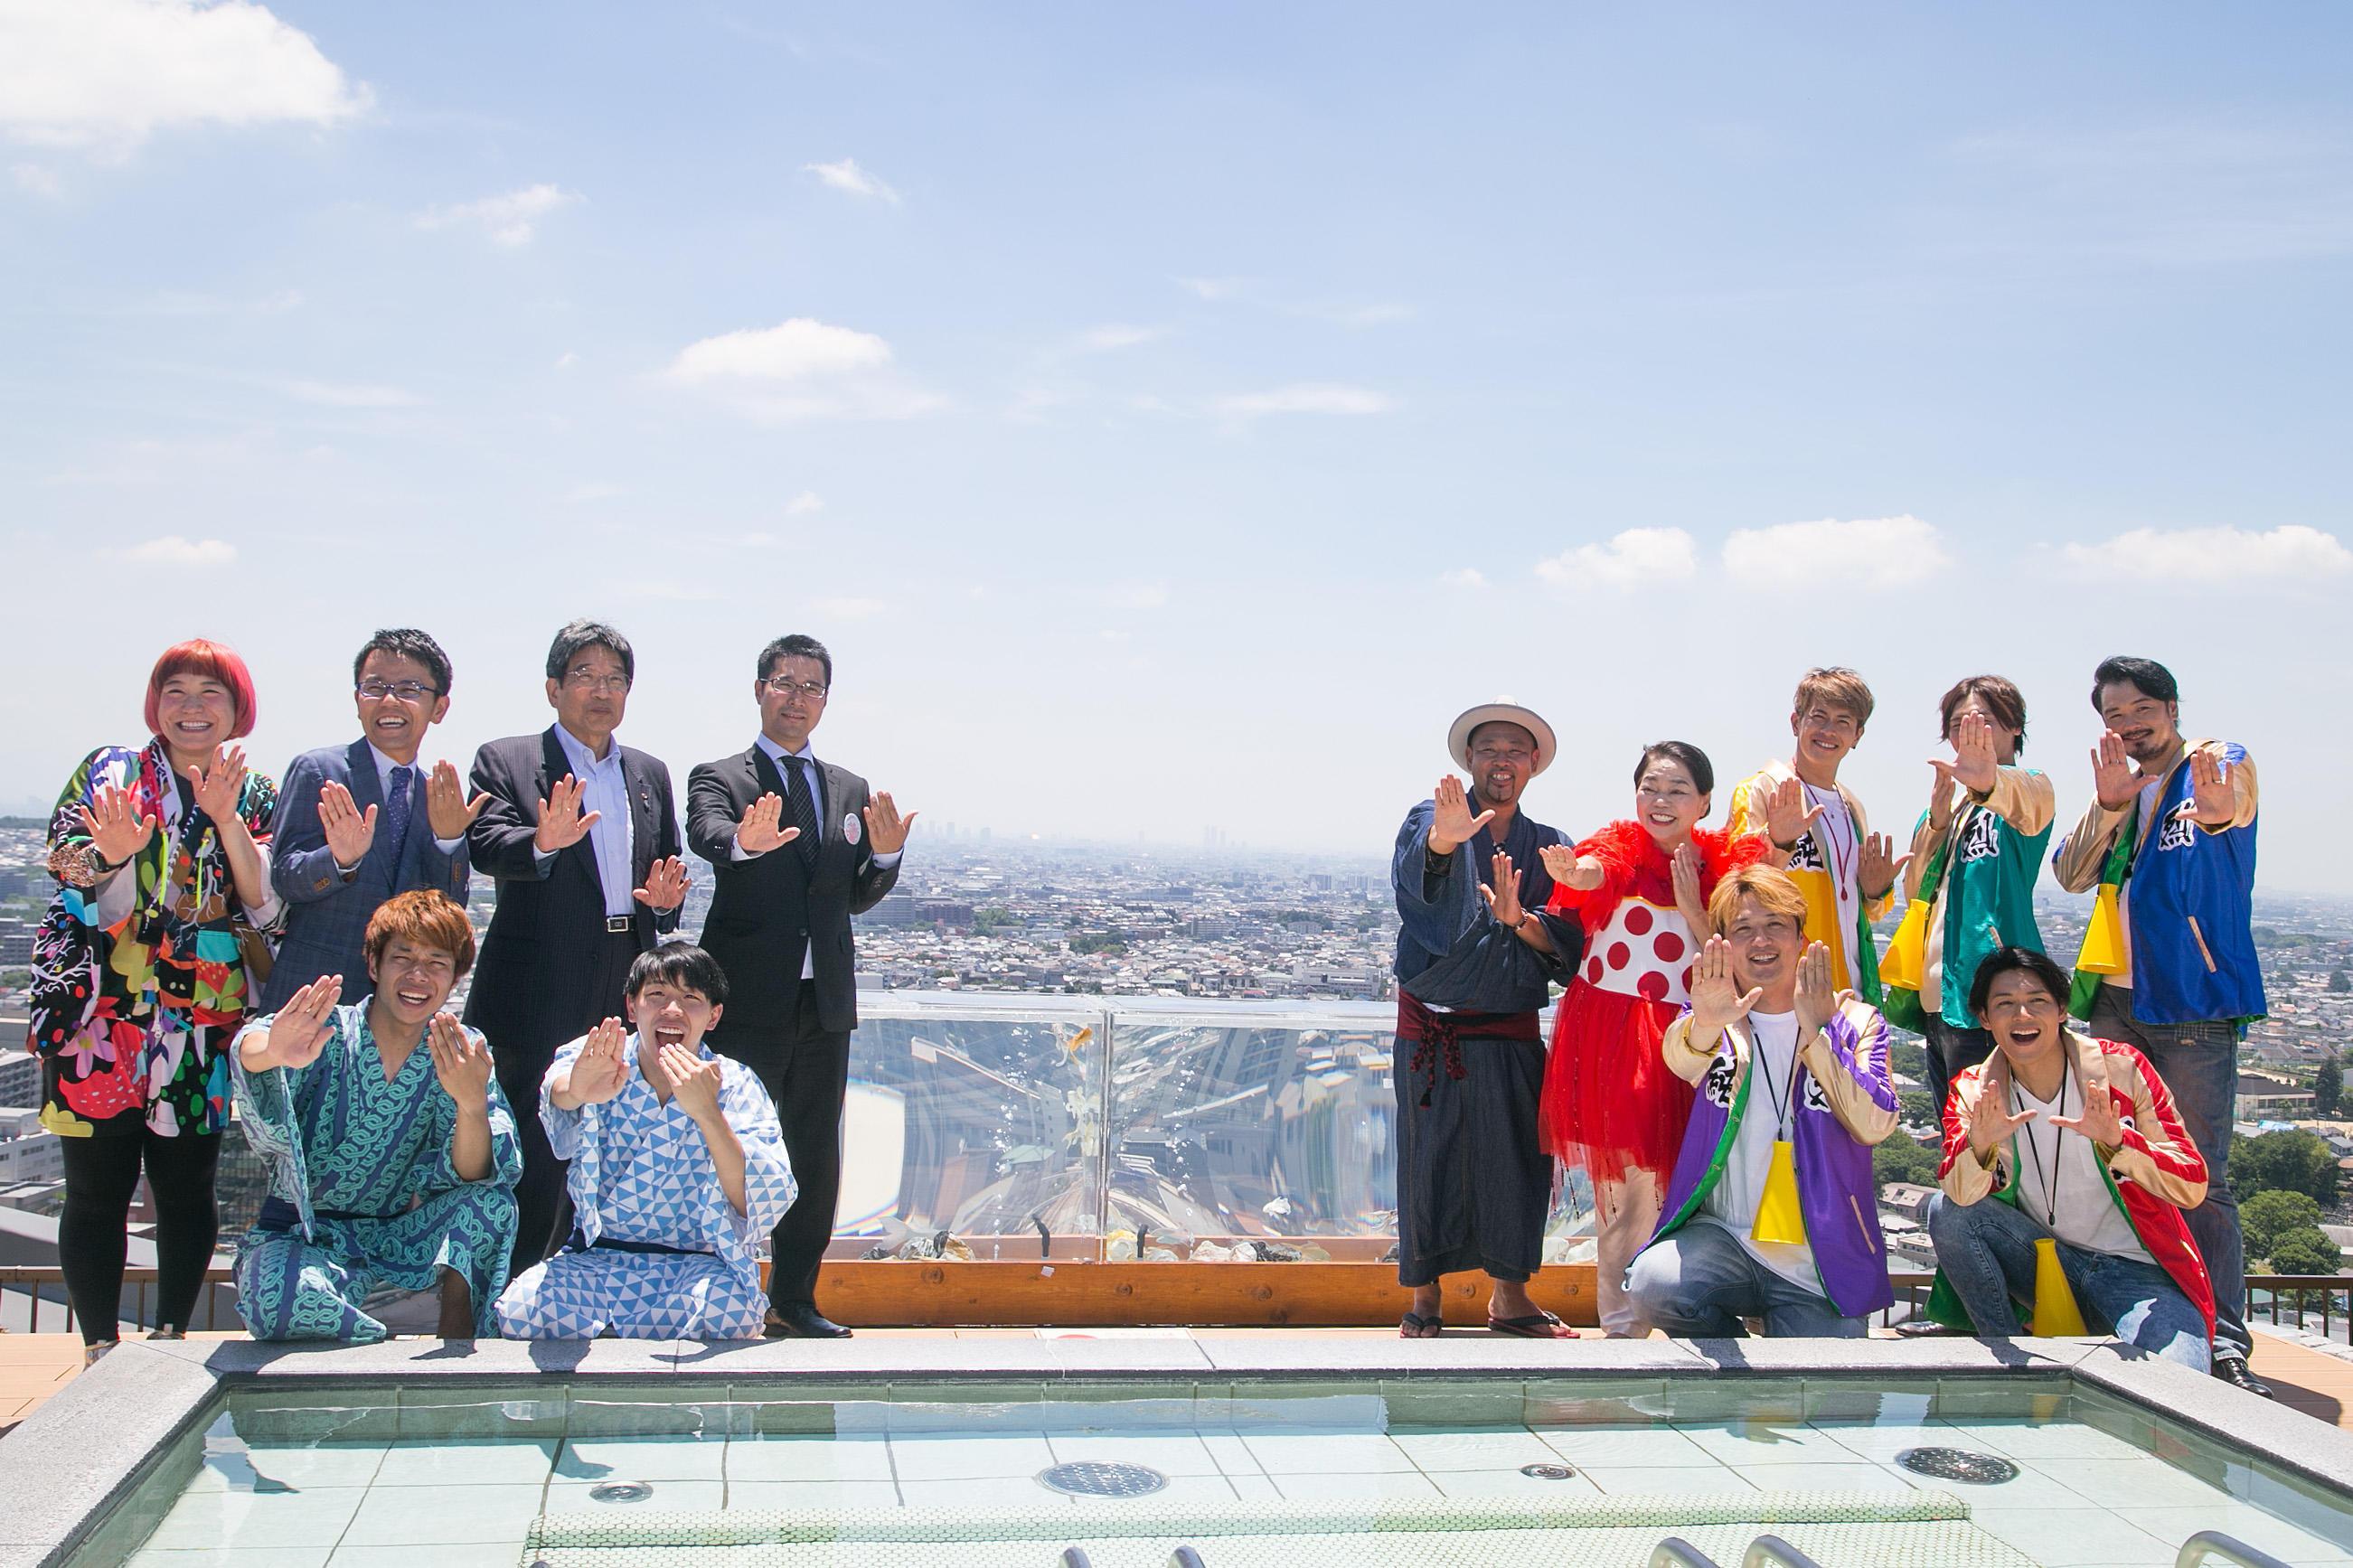 http://news.yoshimoto.co.jp/20180714162819-aad6ffb88512f5b14b9ddfc706fa7ffe3b4891ec.jpg